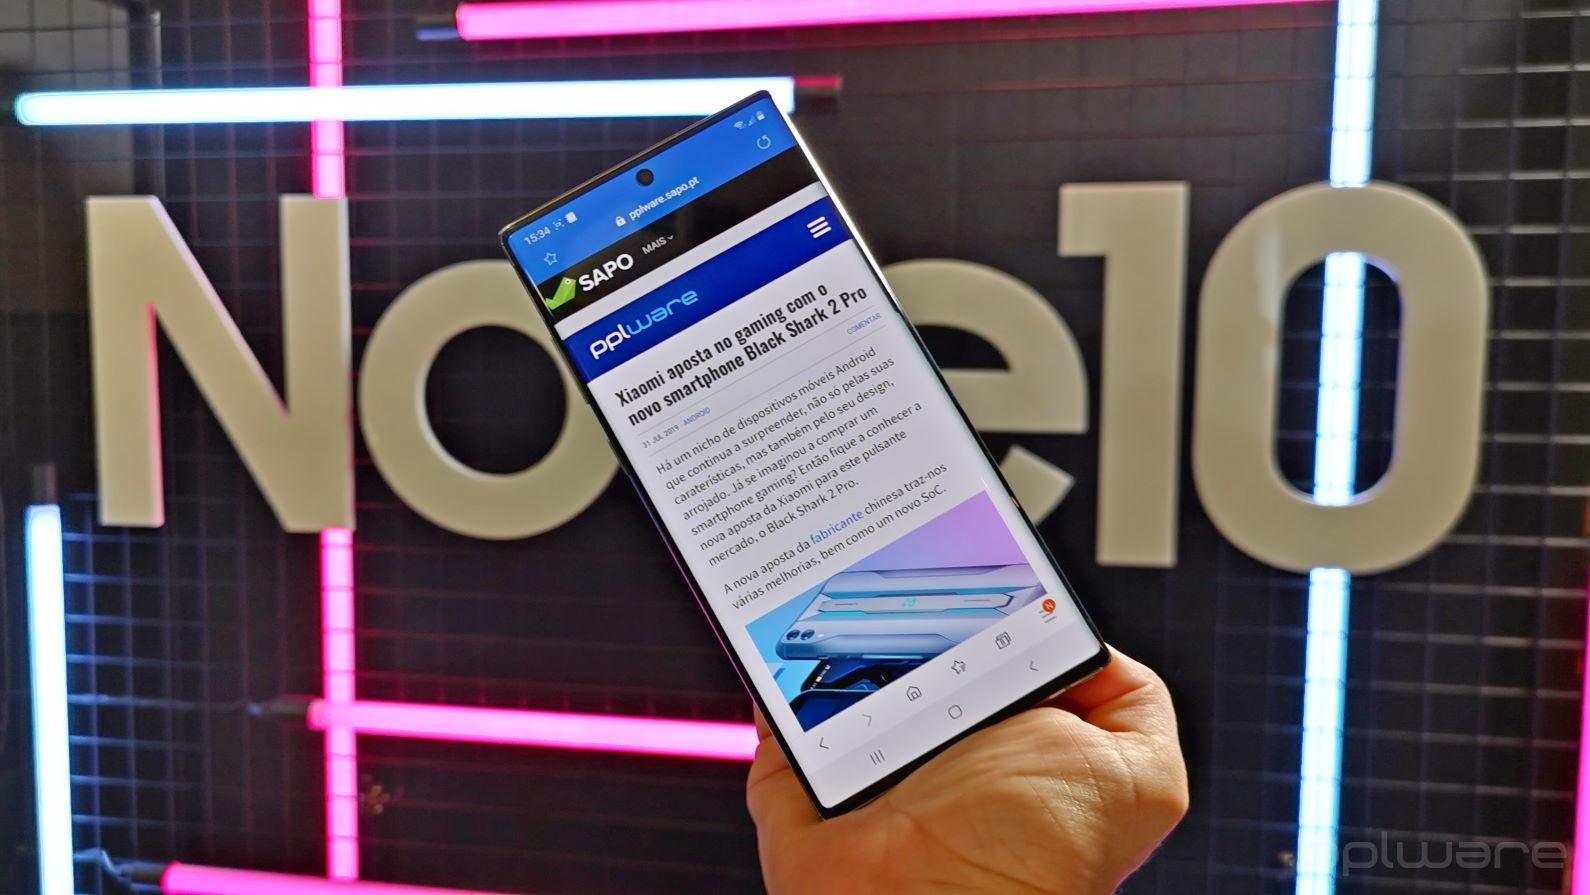 Samsung Galaxy Note10: Grandes smartphones vêm aos pares e melhor